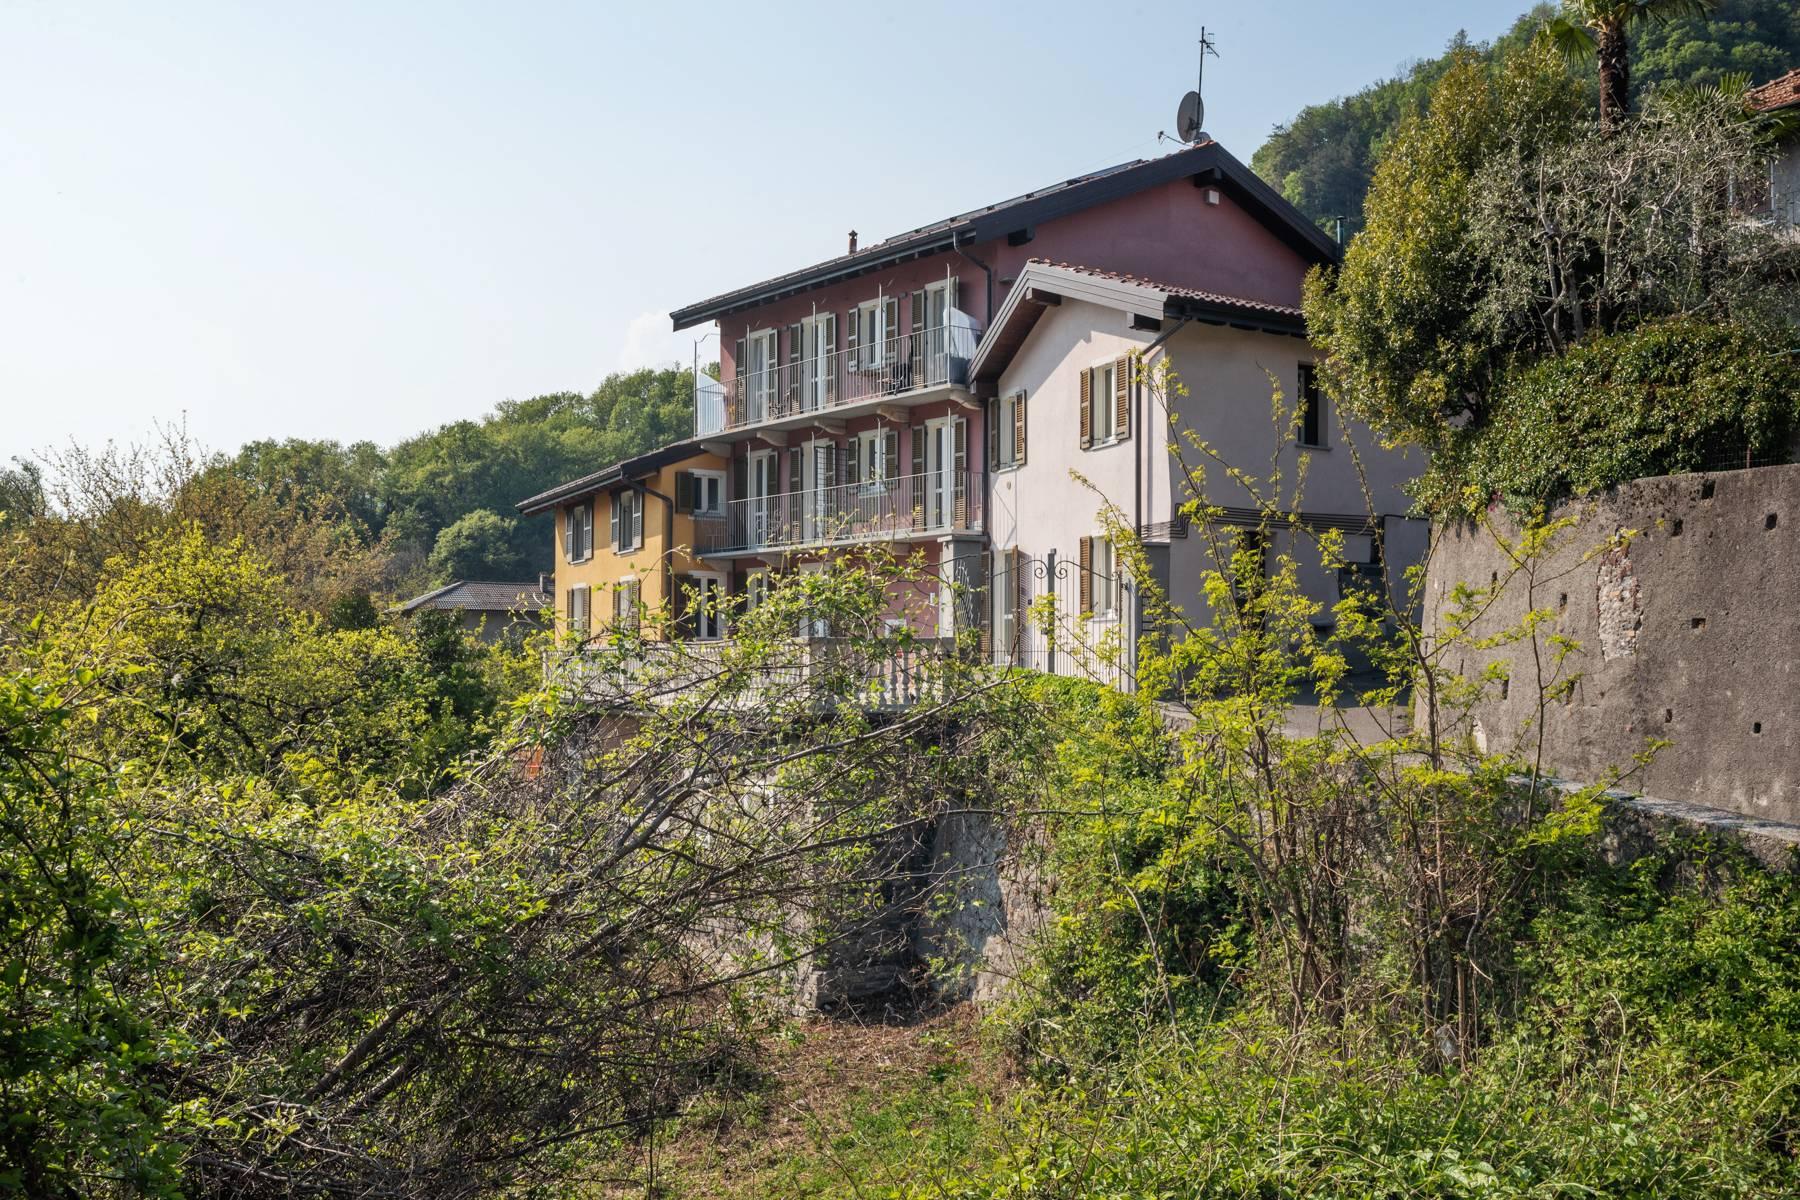 Appartamento in Vendita a Castelveccana: 3 locali, 99 mq - Foto 3